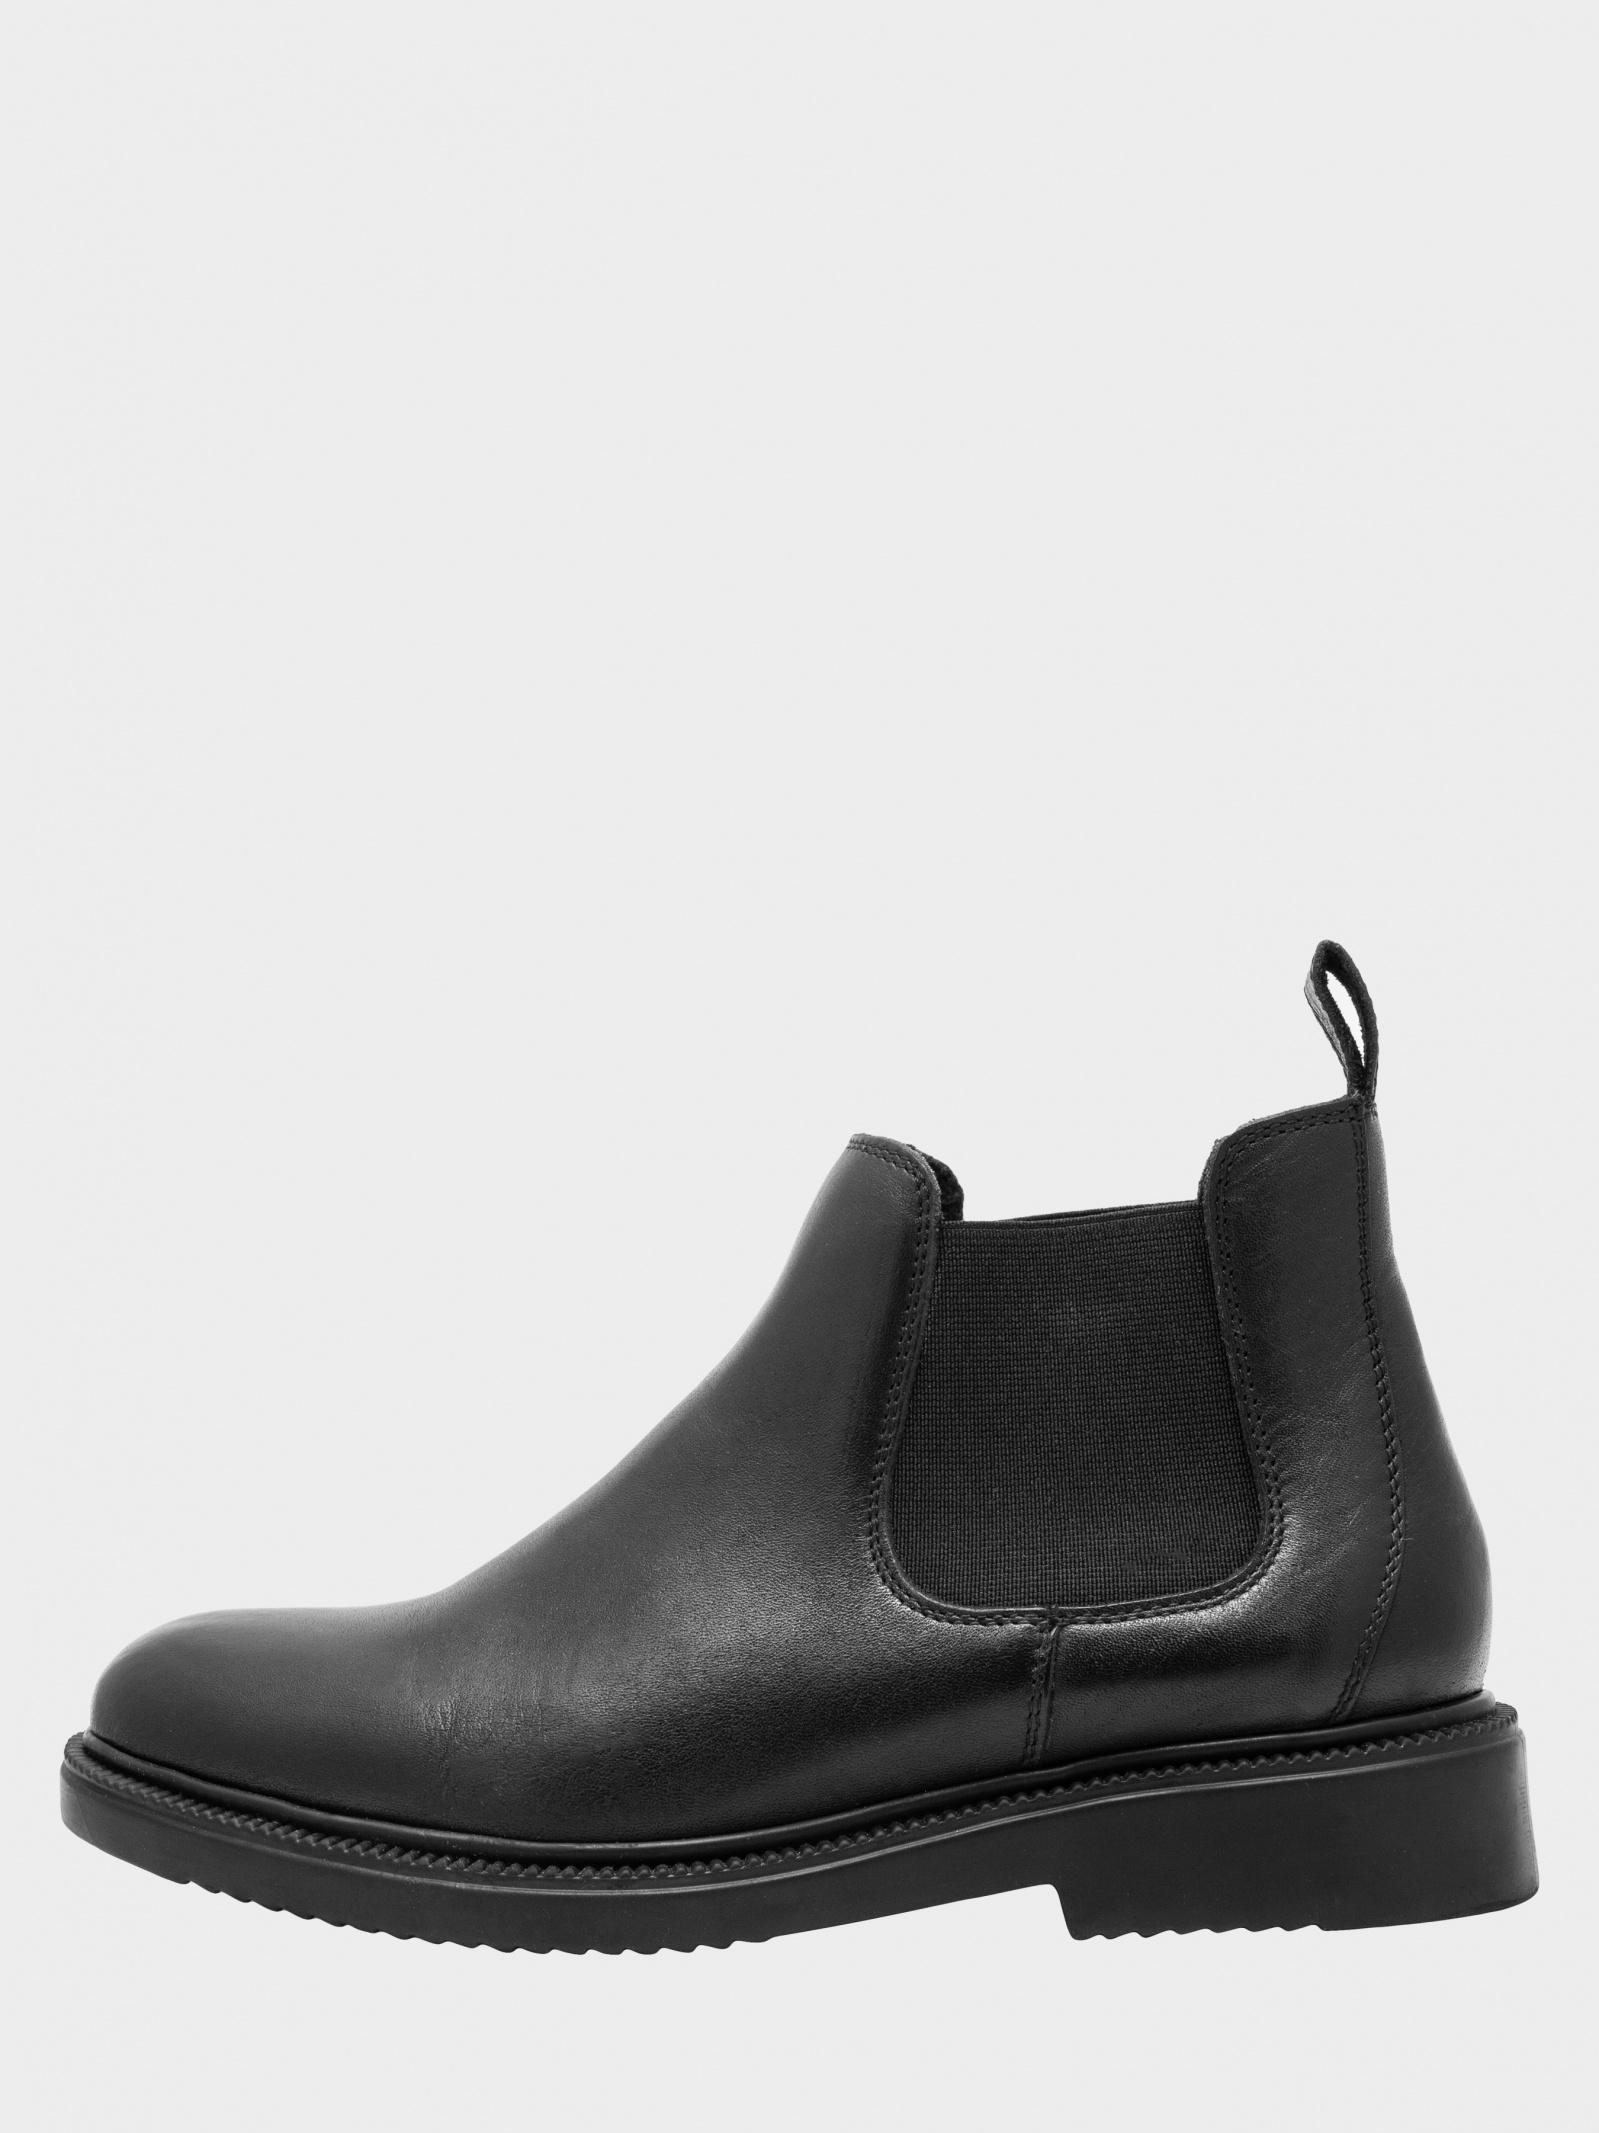 Ботинки для женщин Ботинки женские ENZO VERRATTI 18-3264bl размерная сетка обуви, 2017